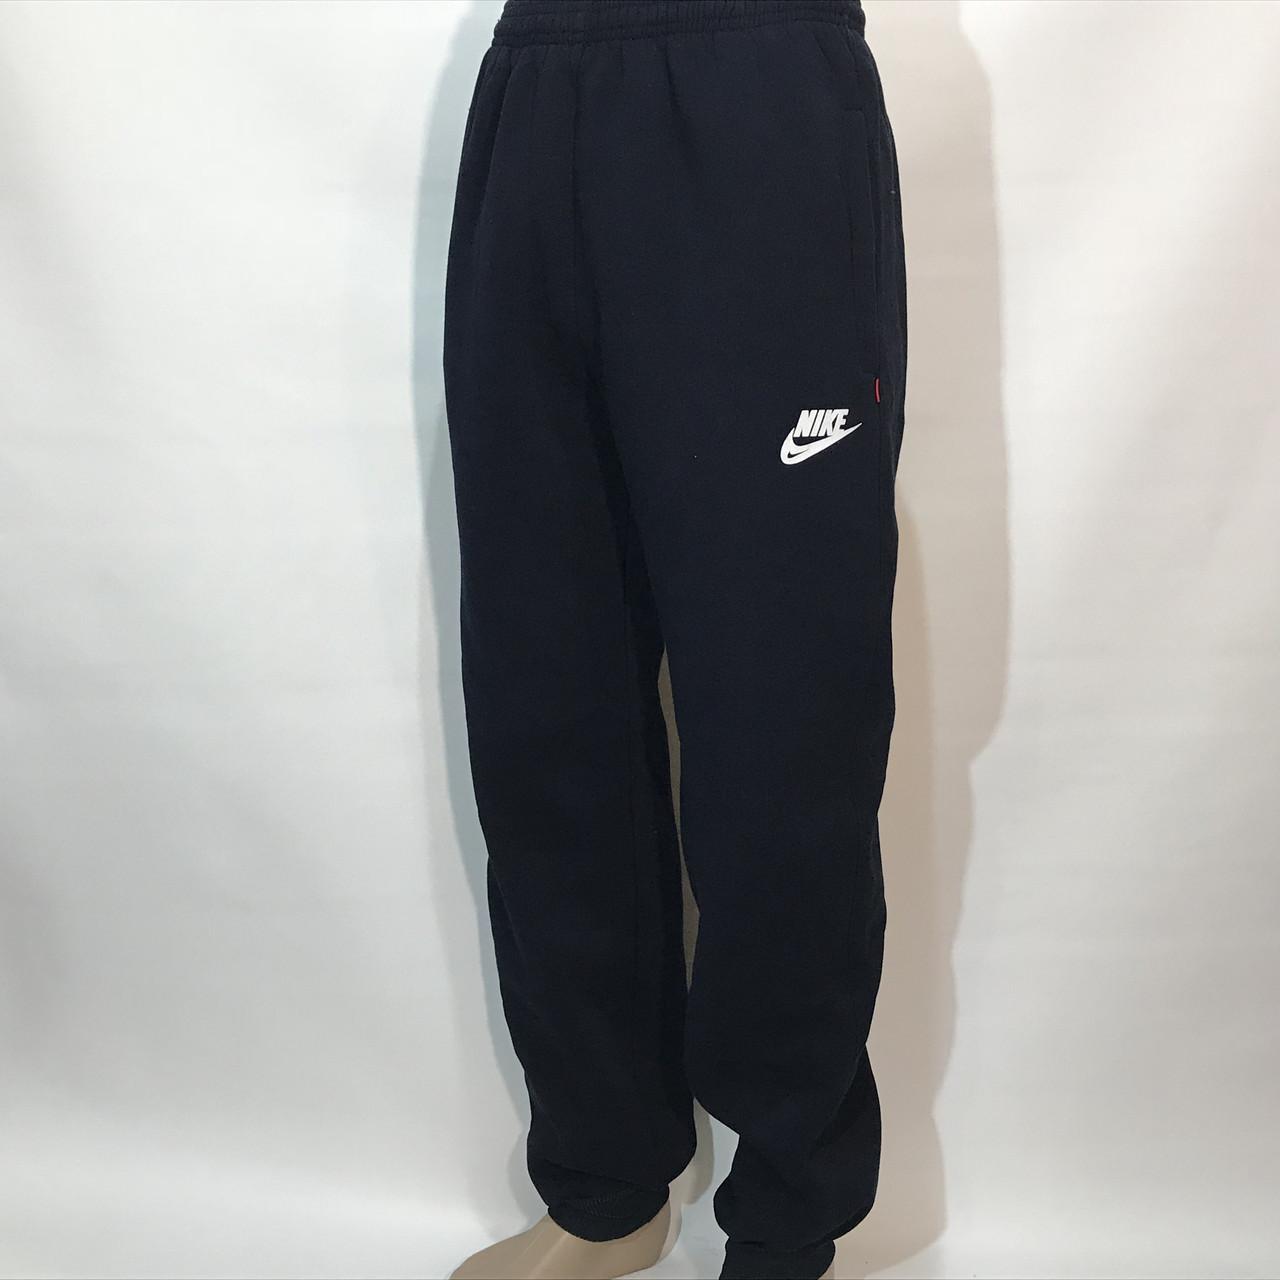 Спортивные штаны в стиле Nike теплые (размеры уточняйте) темно-синие